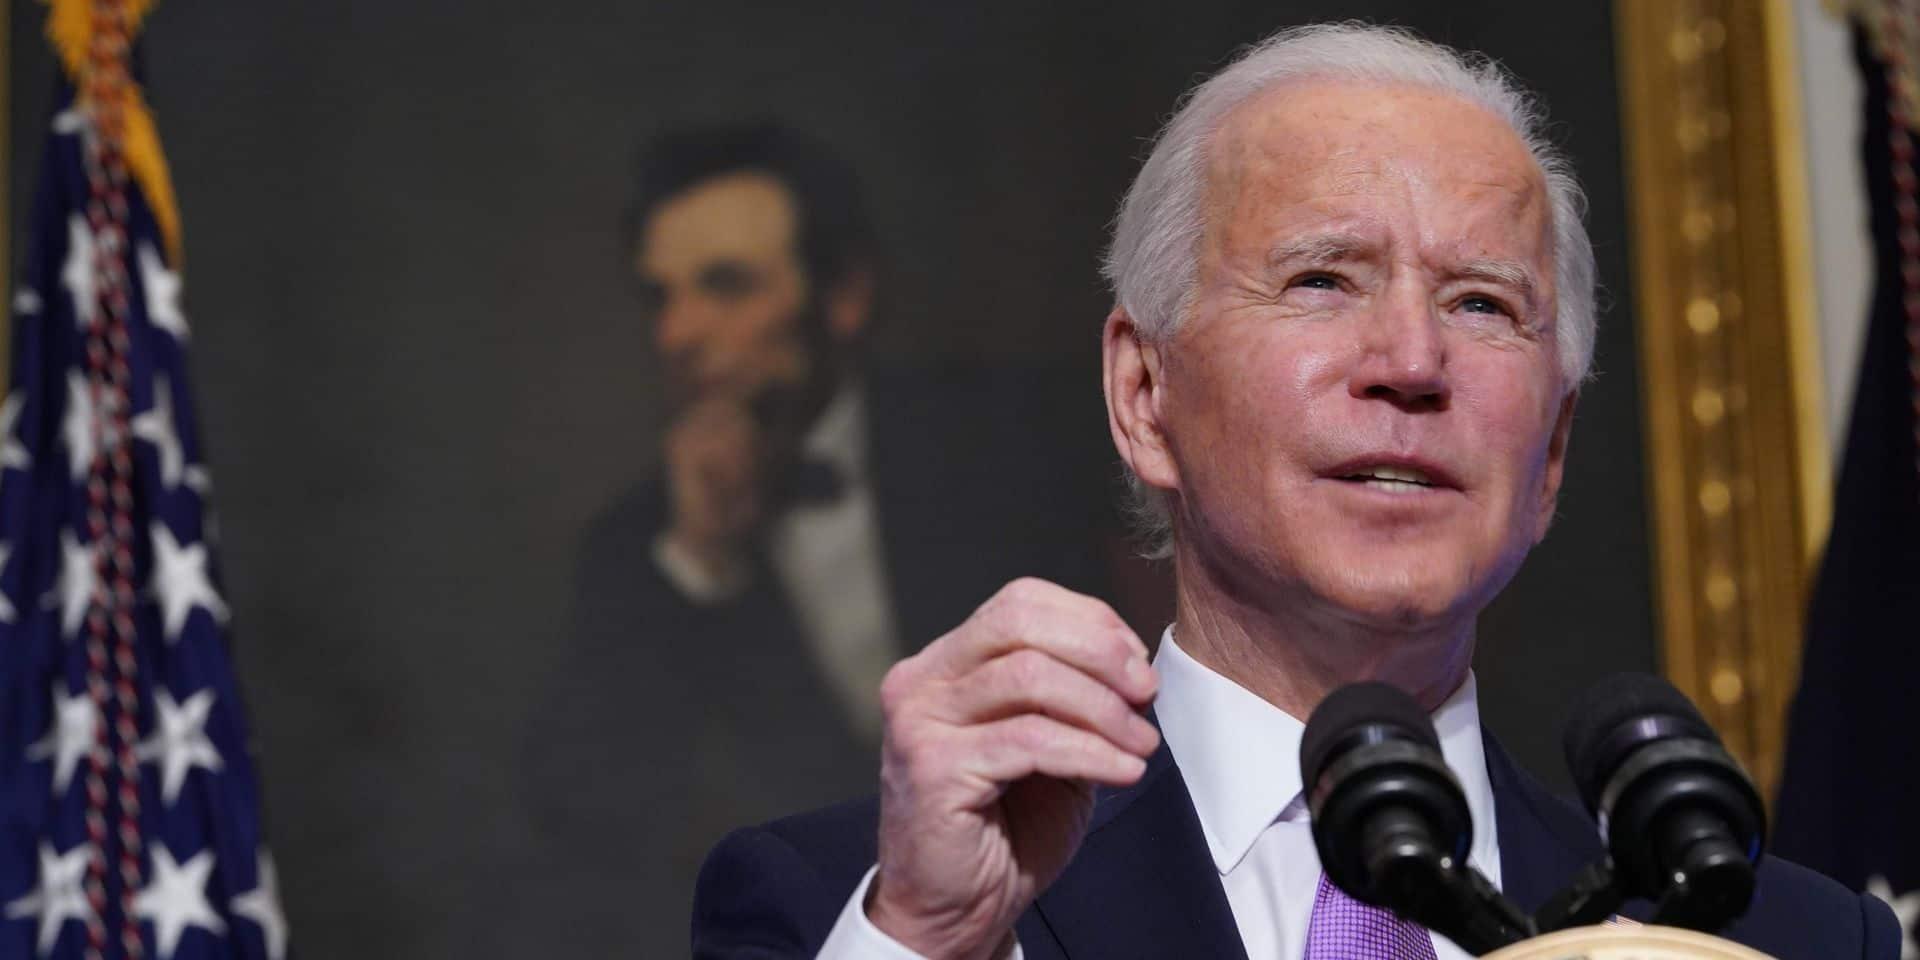 Biden annonce un prochain sommet international sur le climat